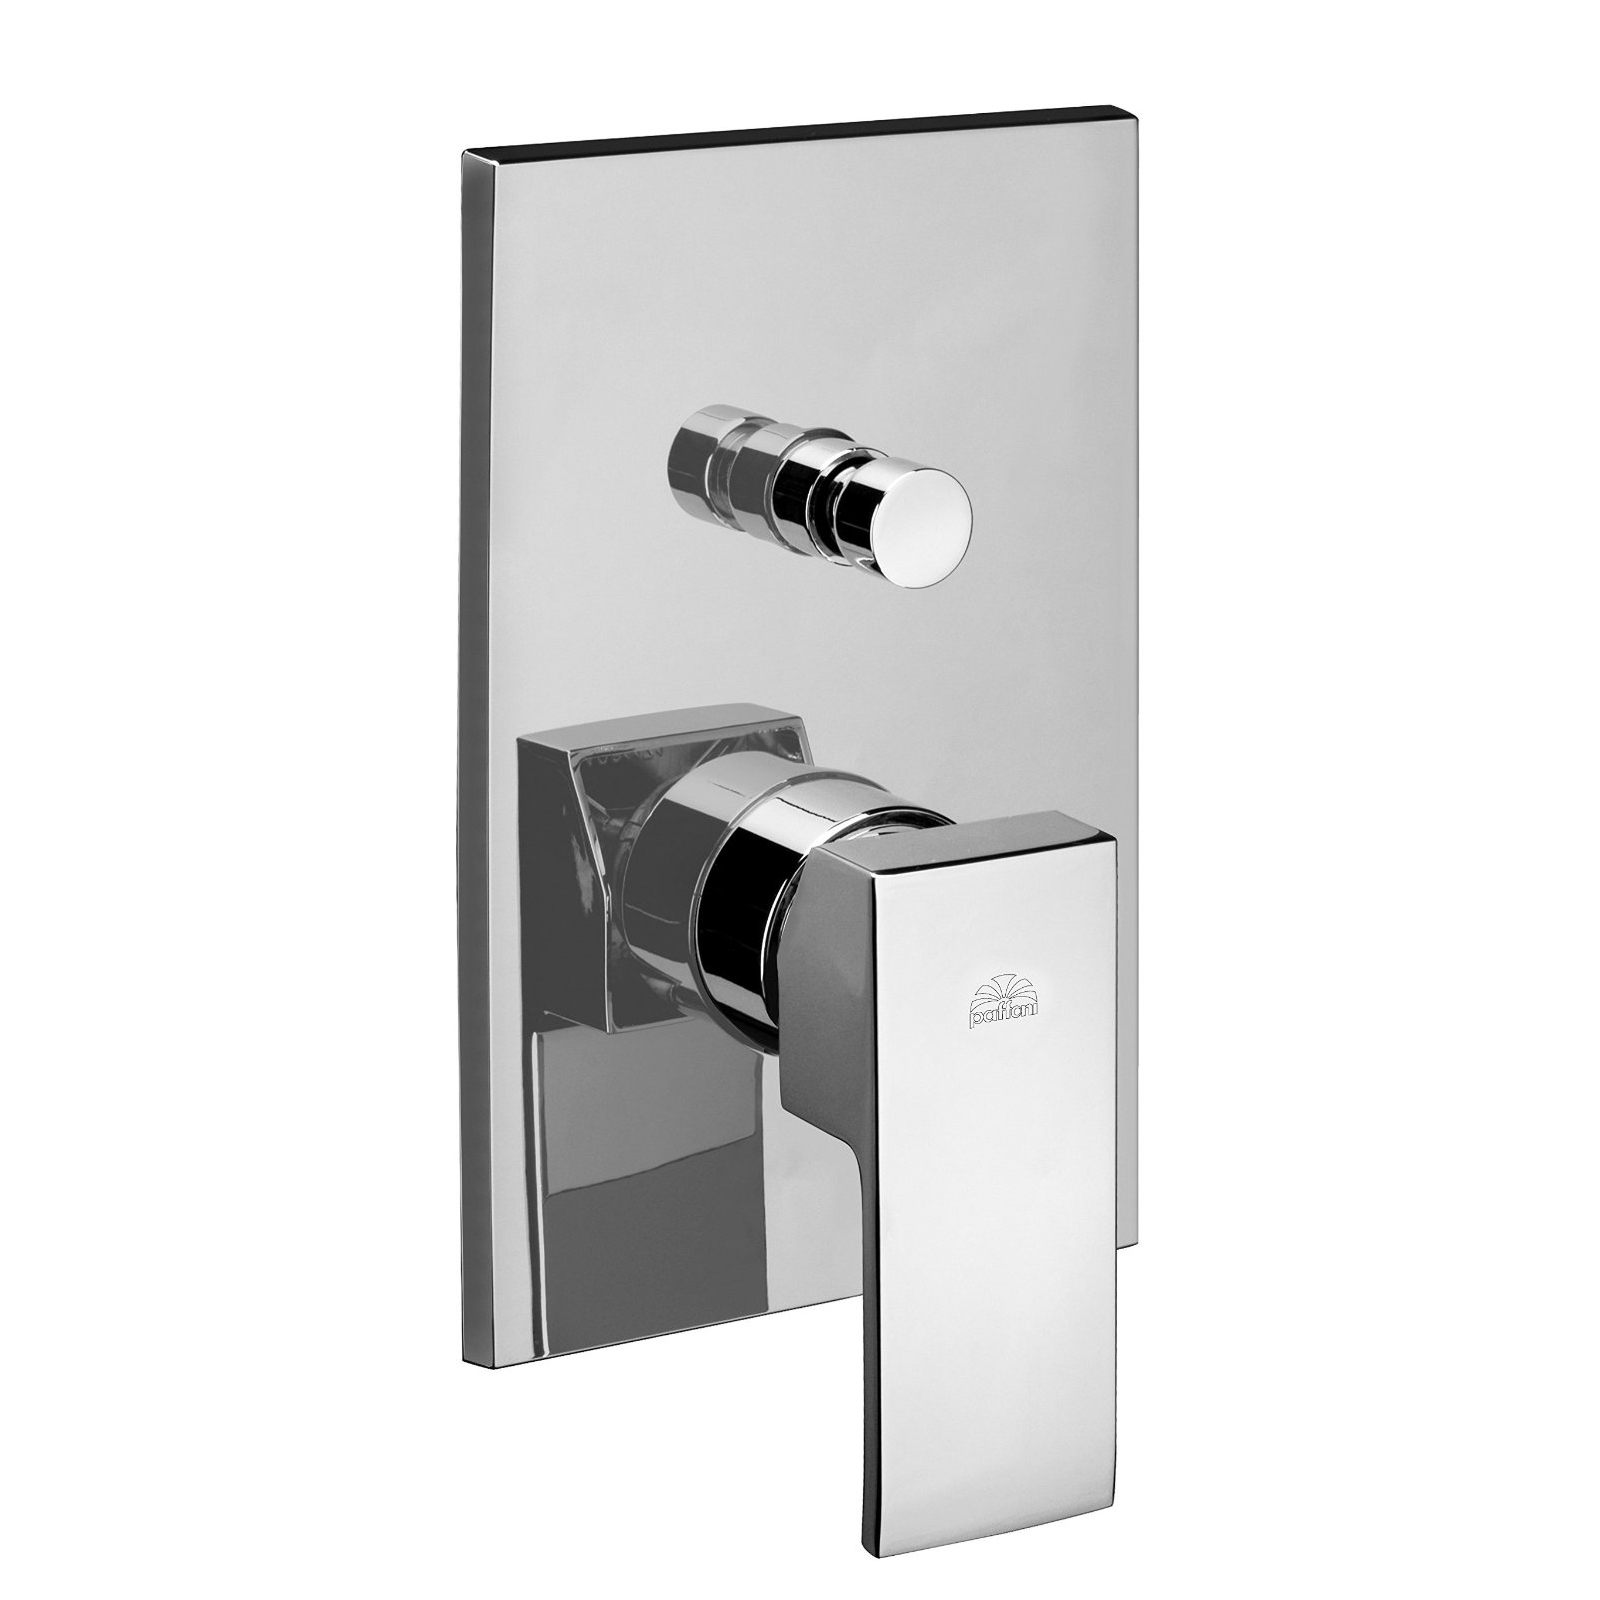 Miscelatore con deviatore doccia level - Miscelatori bagno paffoni ...